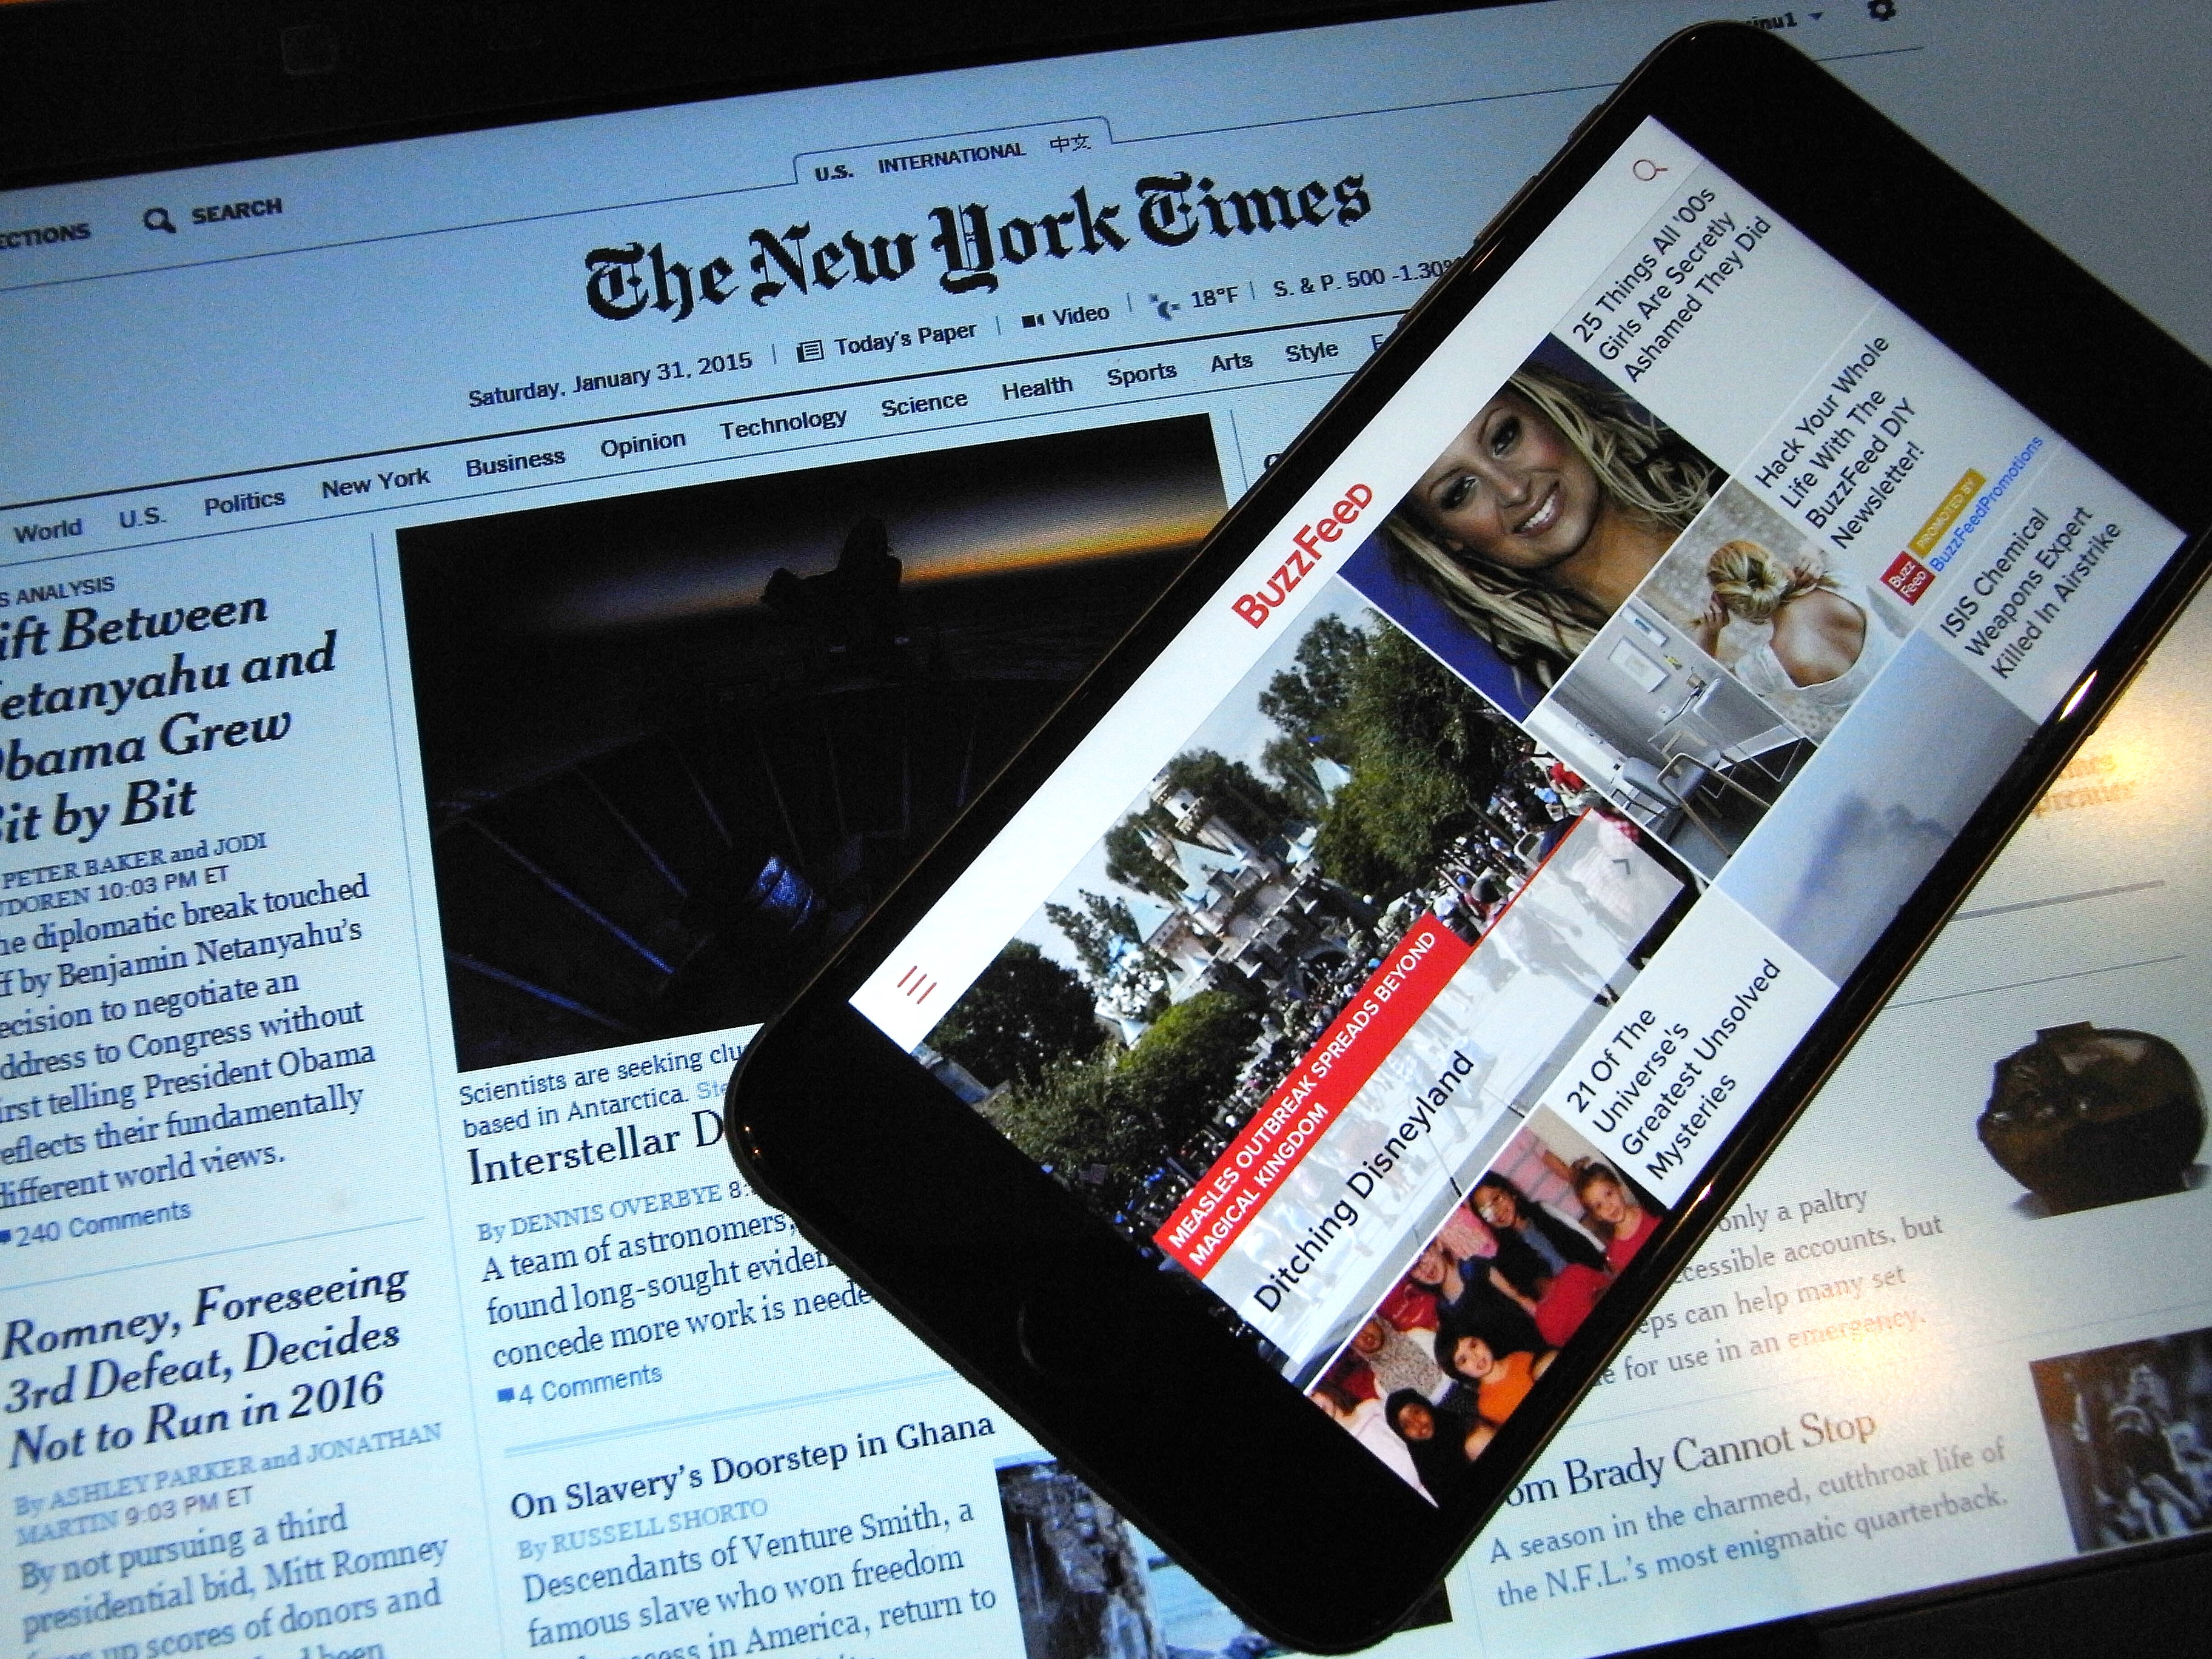 NYT vs. Buzzfeed